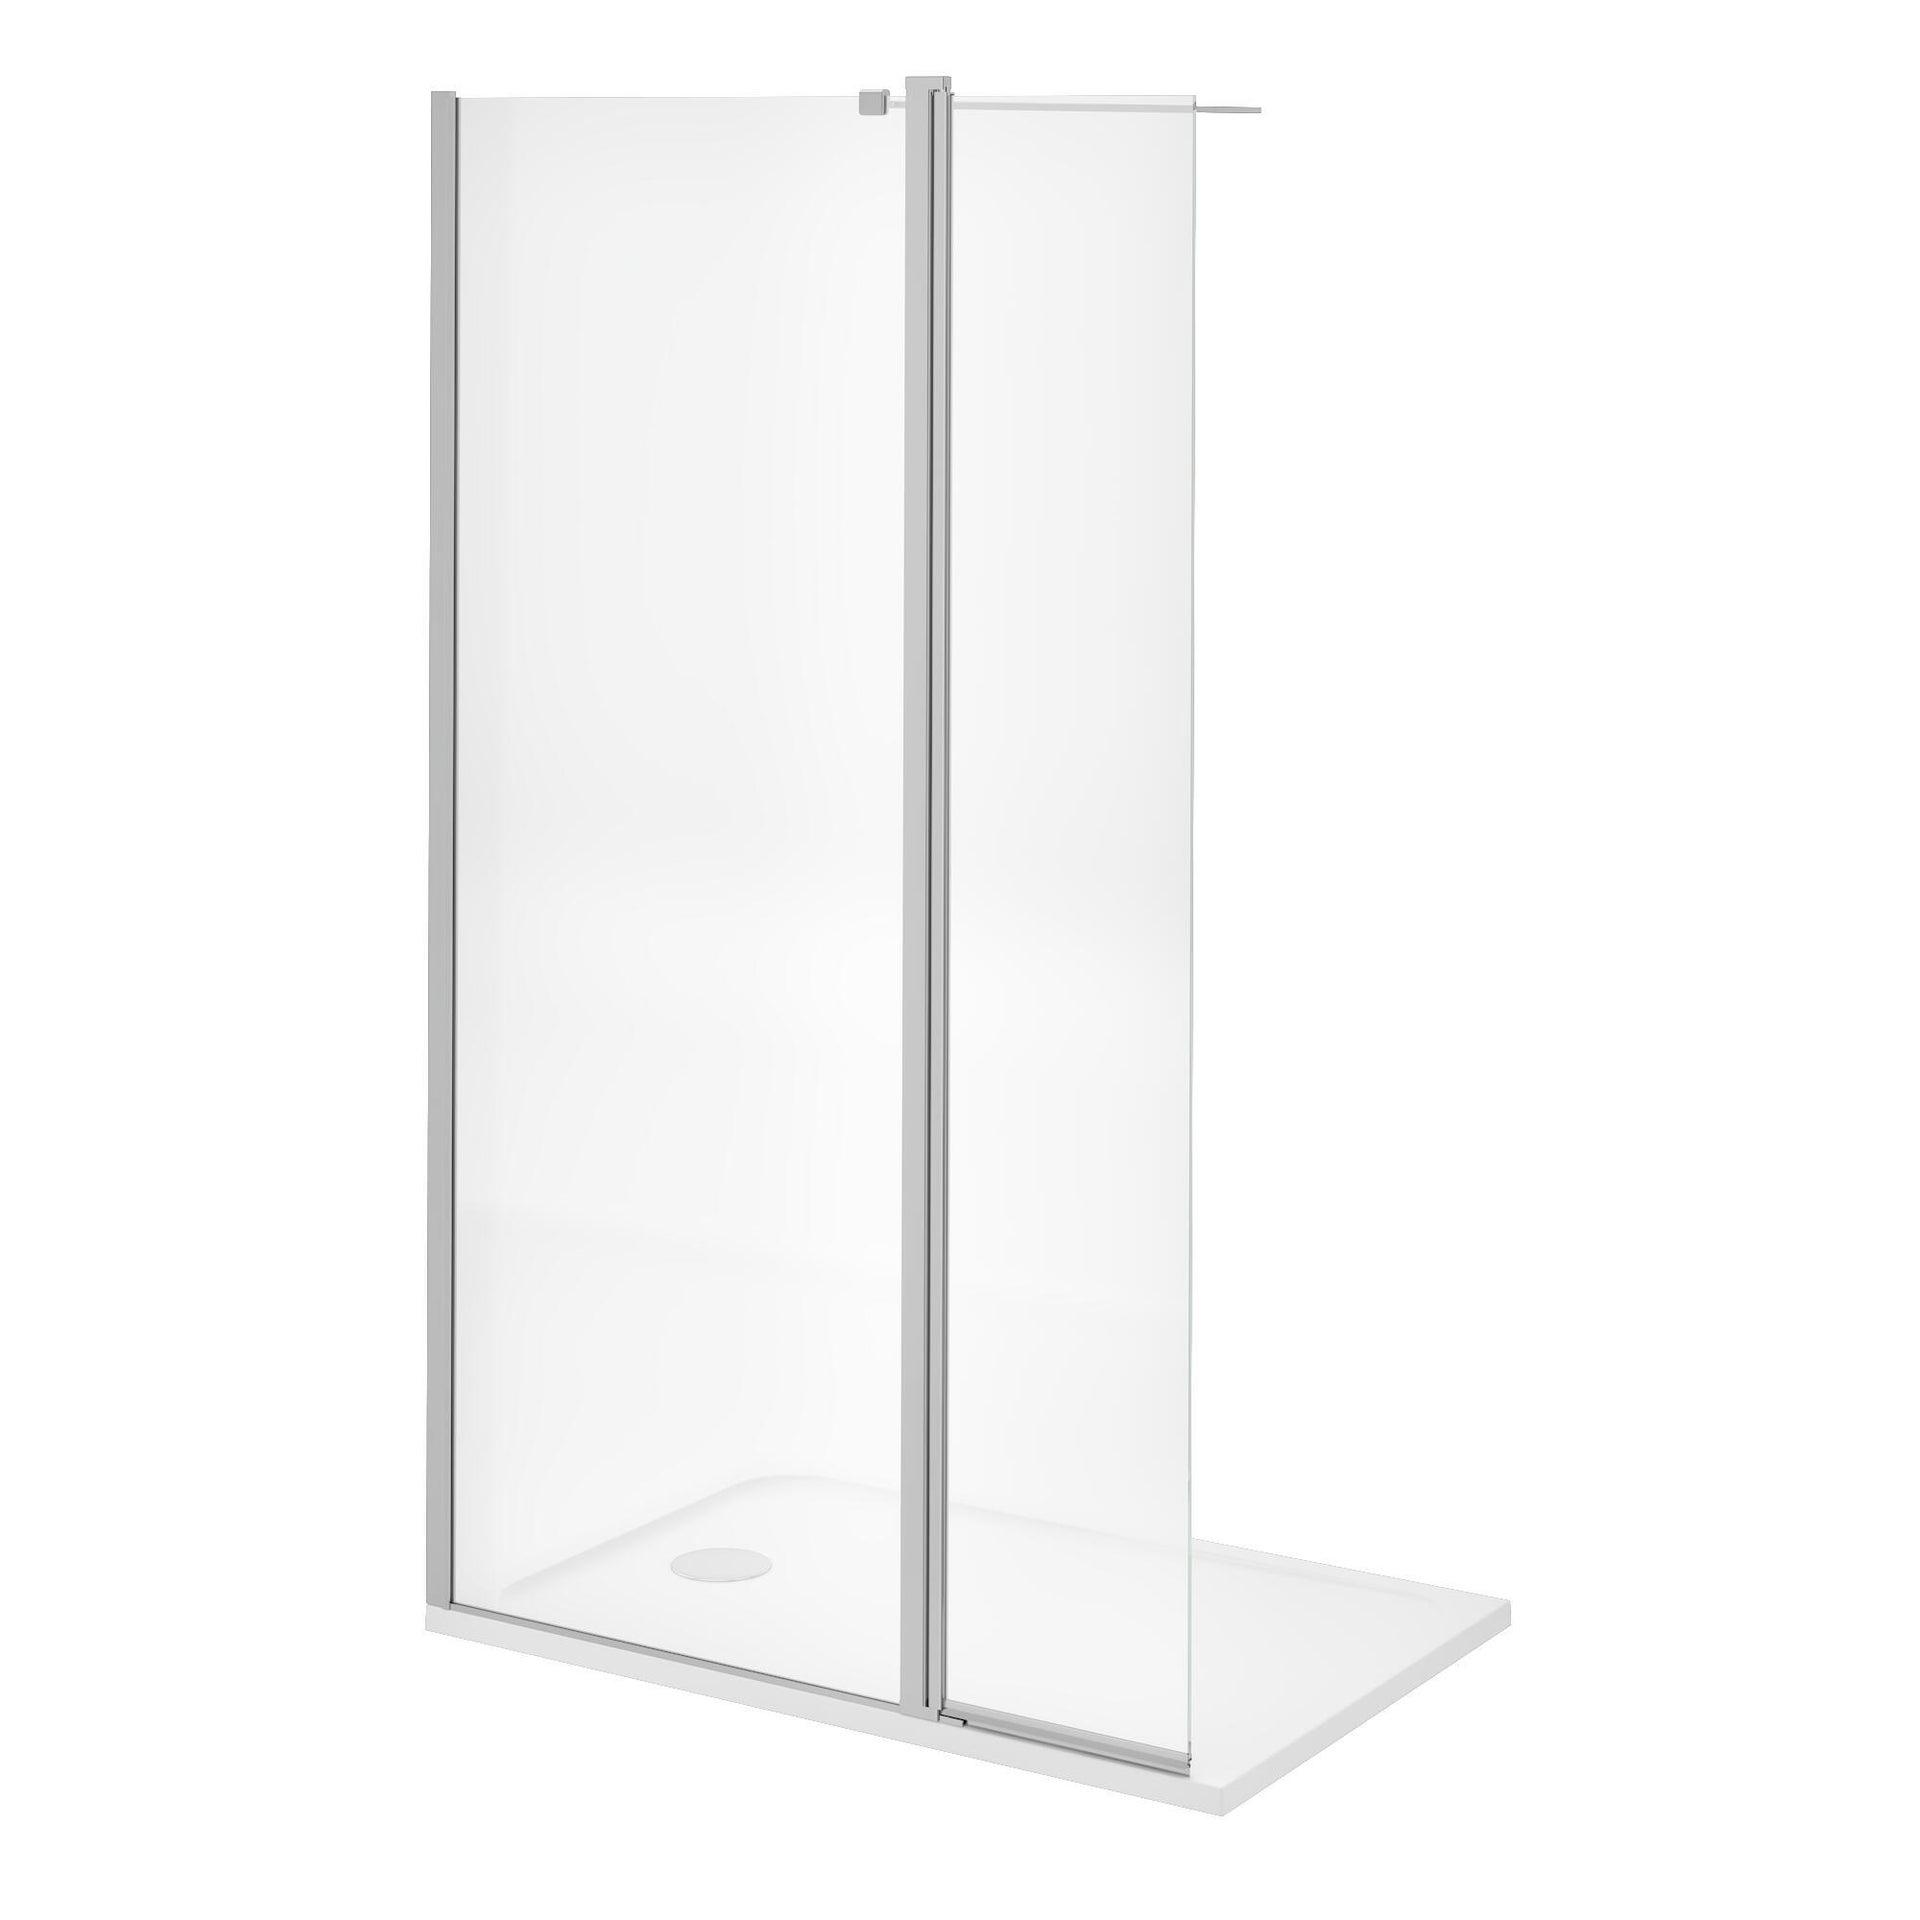 Piatto doccia resina sintetica e polvere di marmo Easy 80 x 120 cm bianco - 8